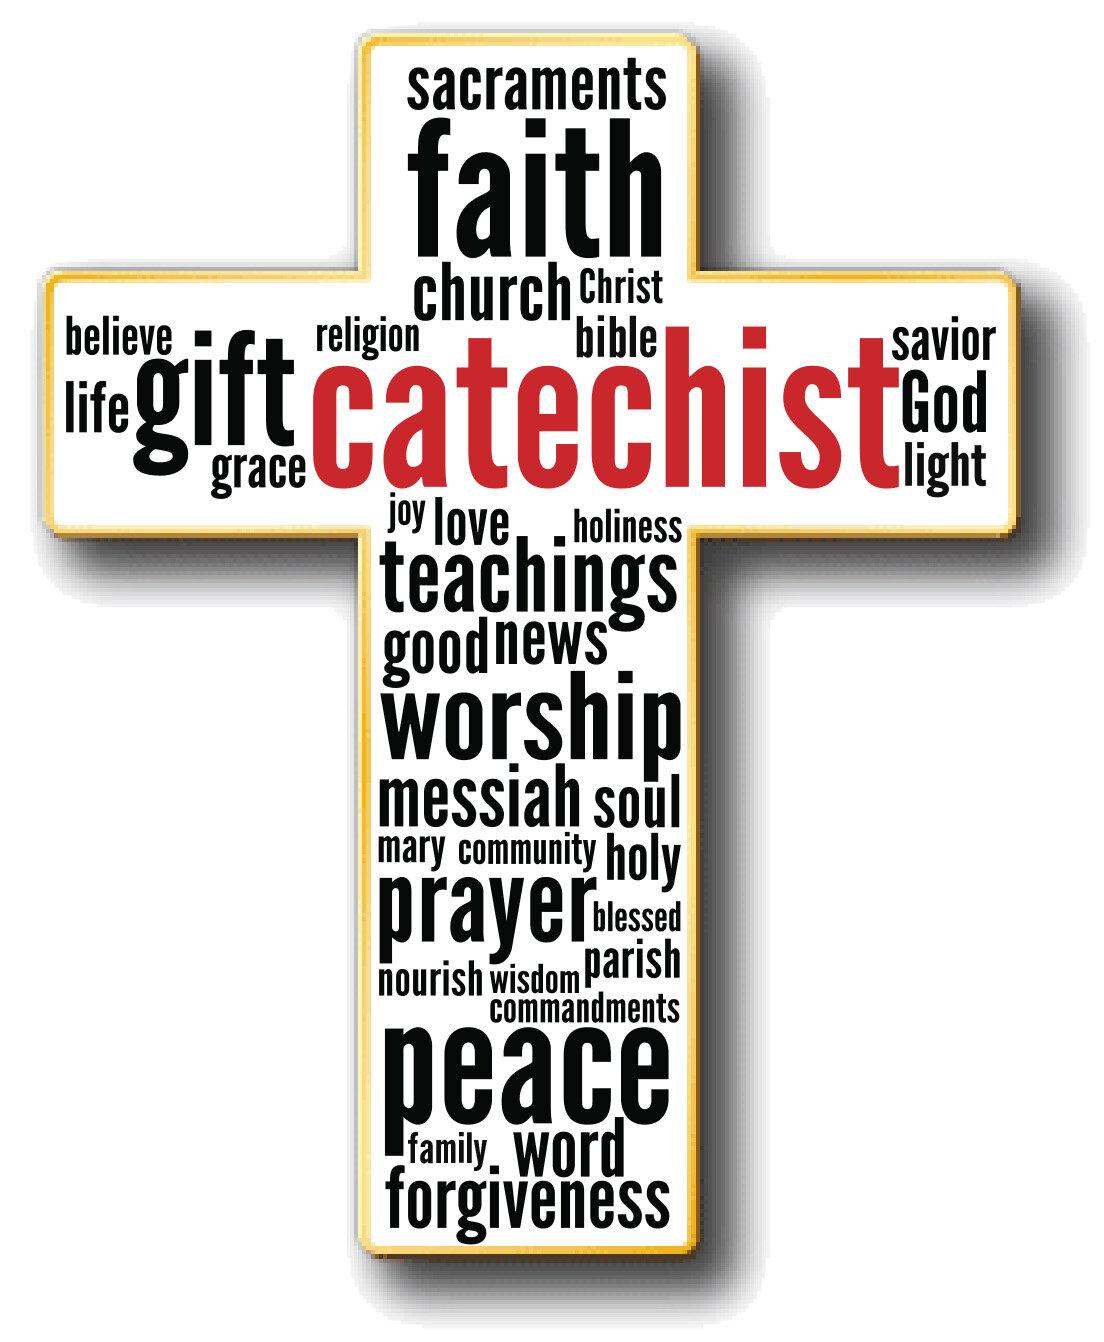 Catechist.jpg